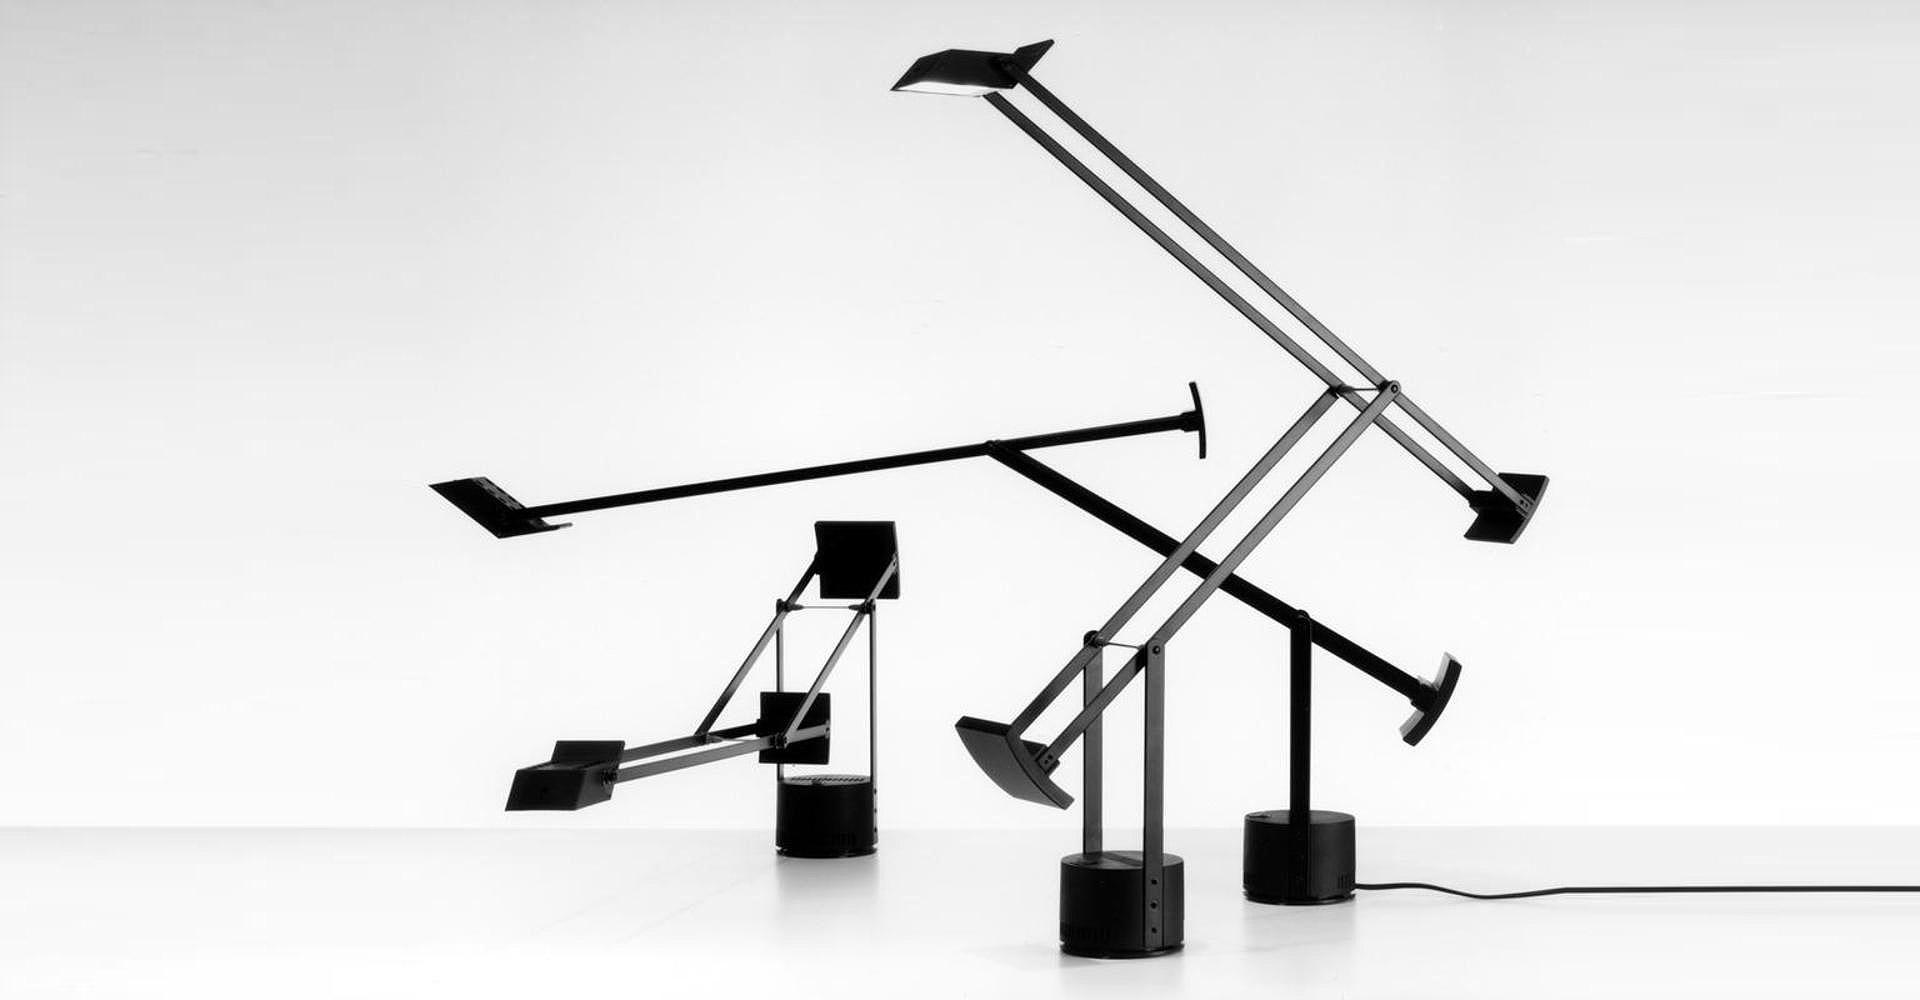 Zmenšená verze stolní lampy Tizio 35. © Richard Sapper